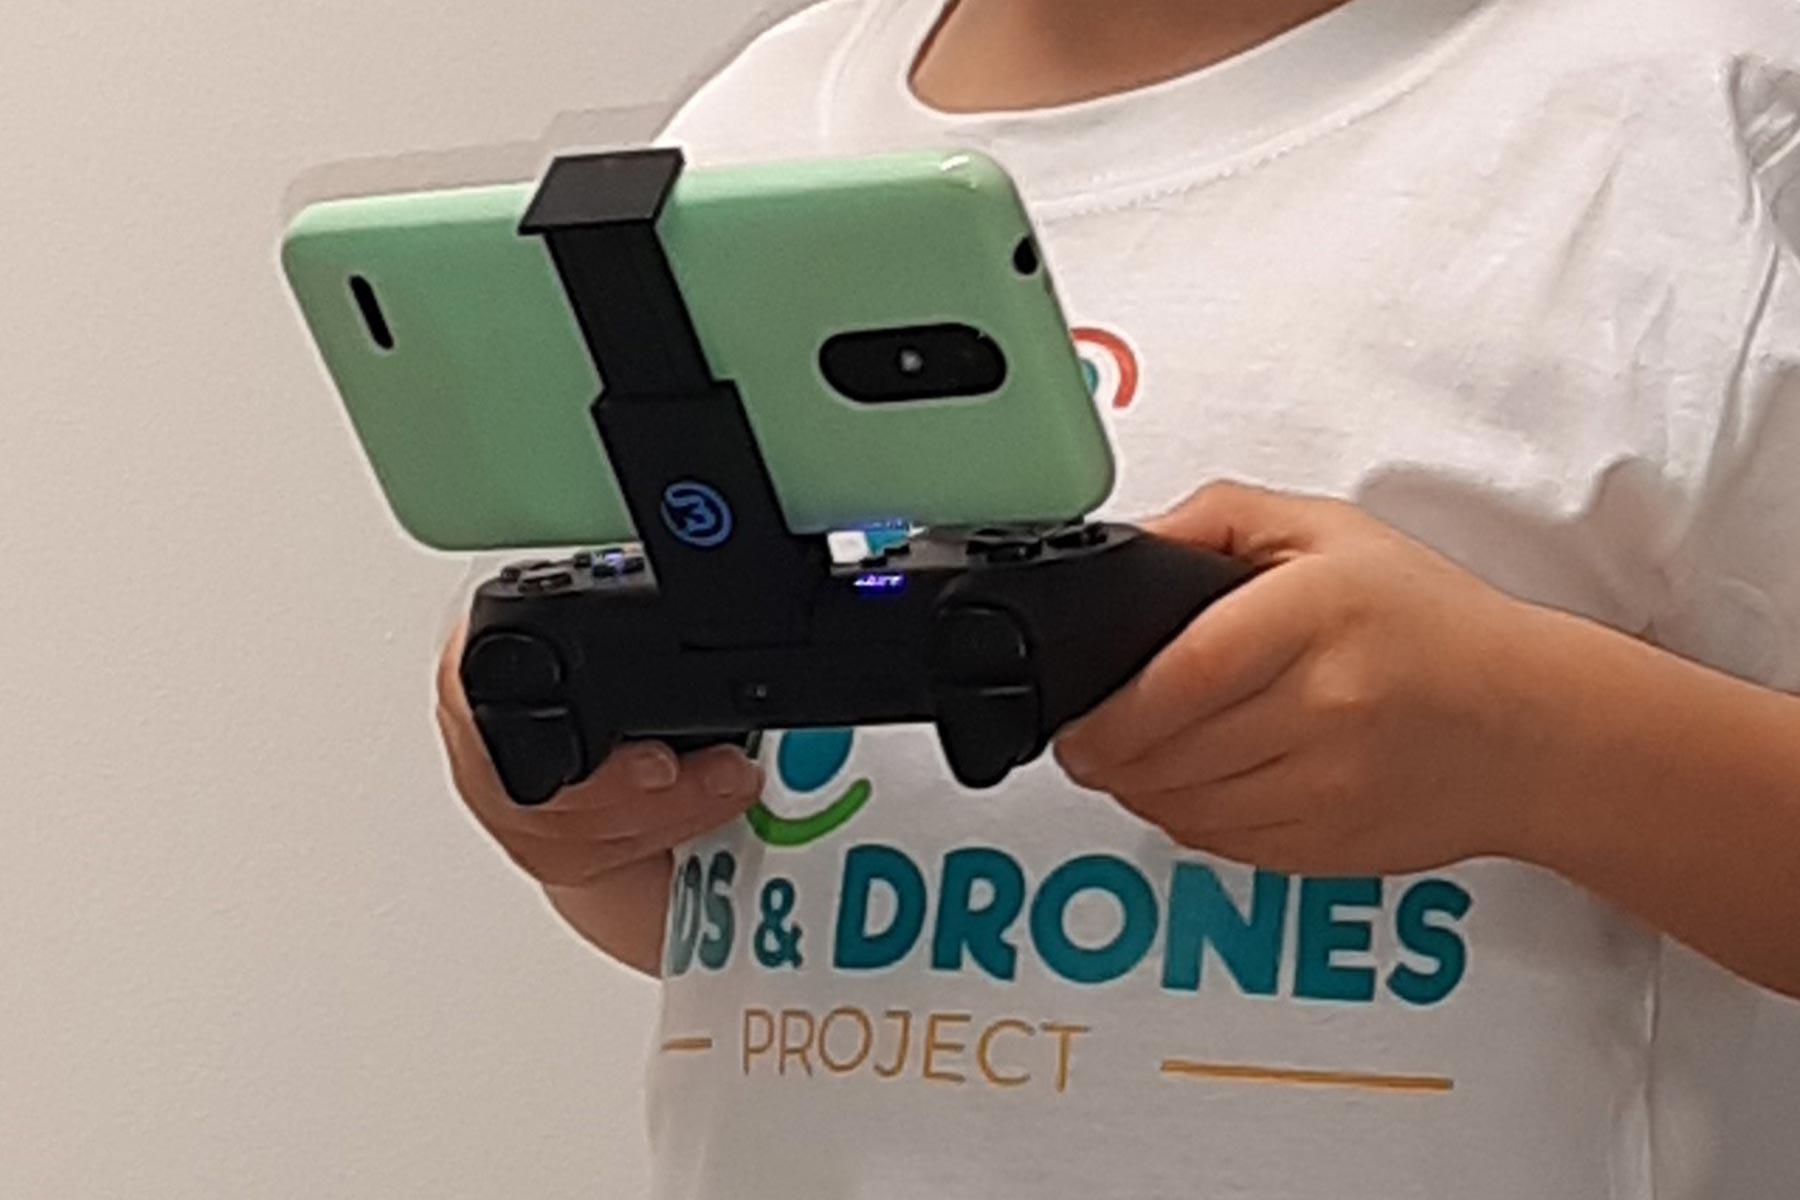 Retomamos las actividades de KIDS & DRONES PROJECT en Vielha.